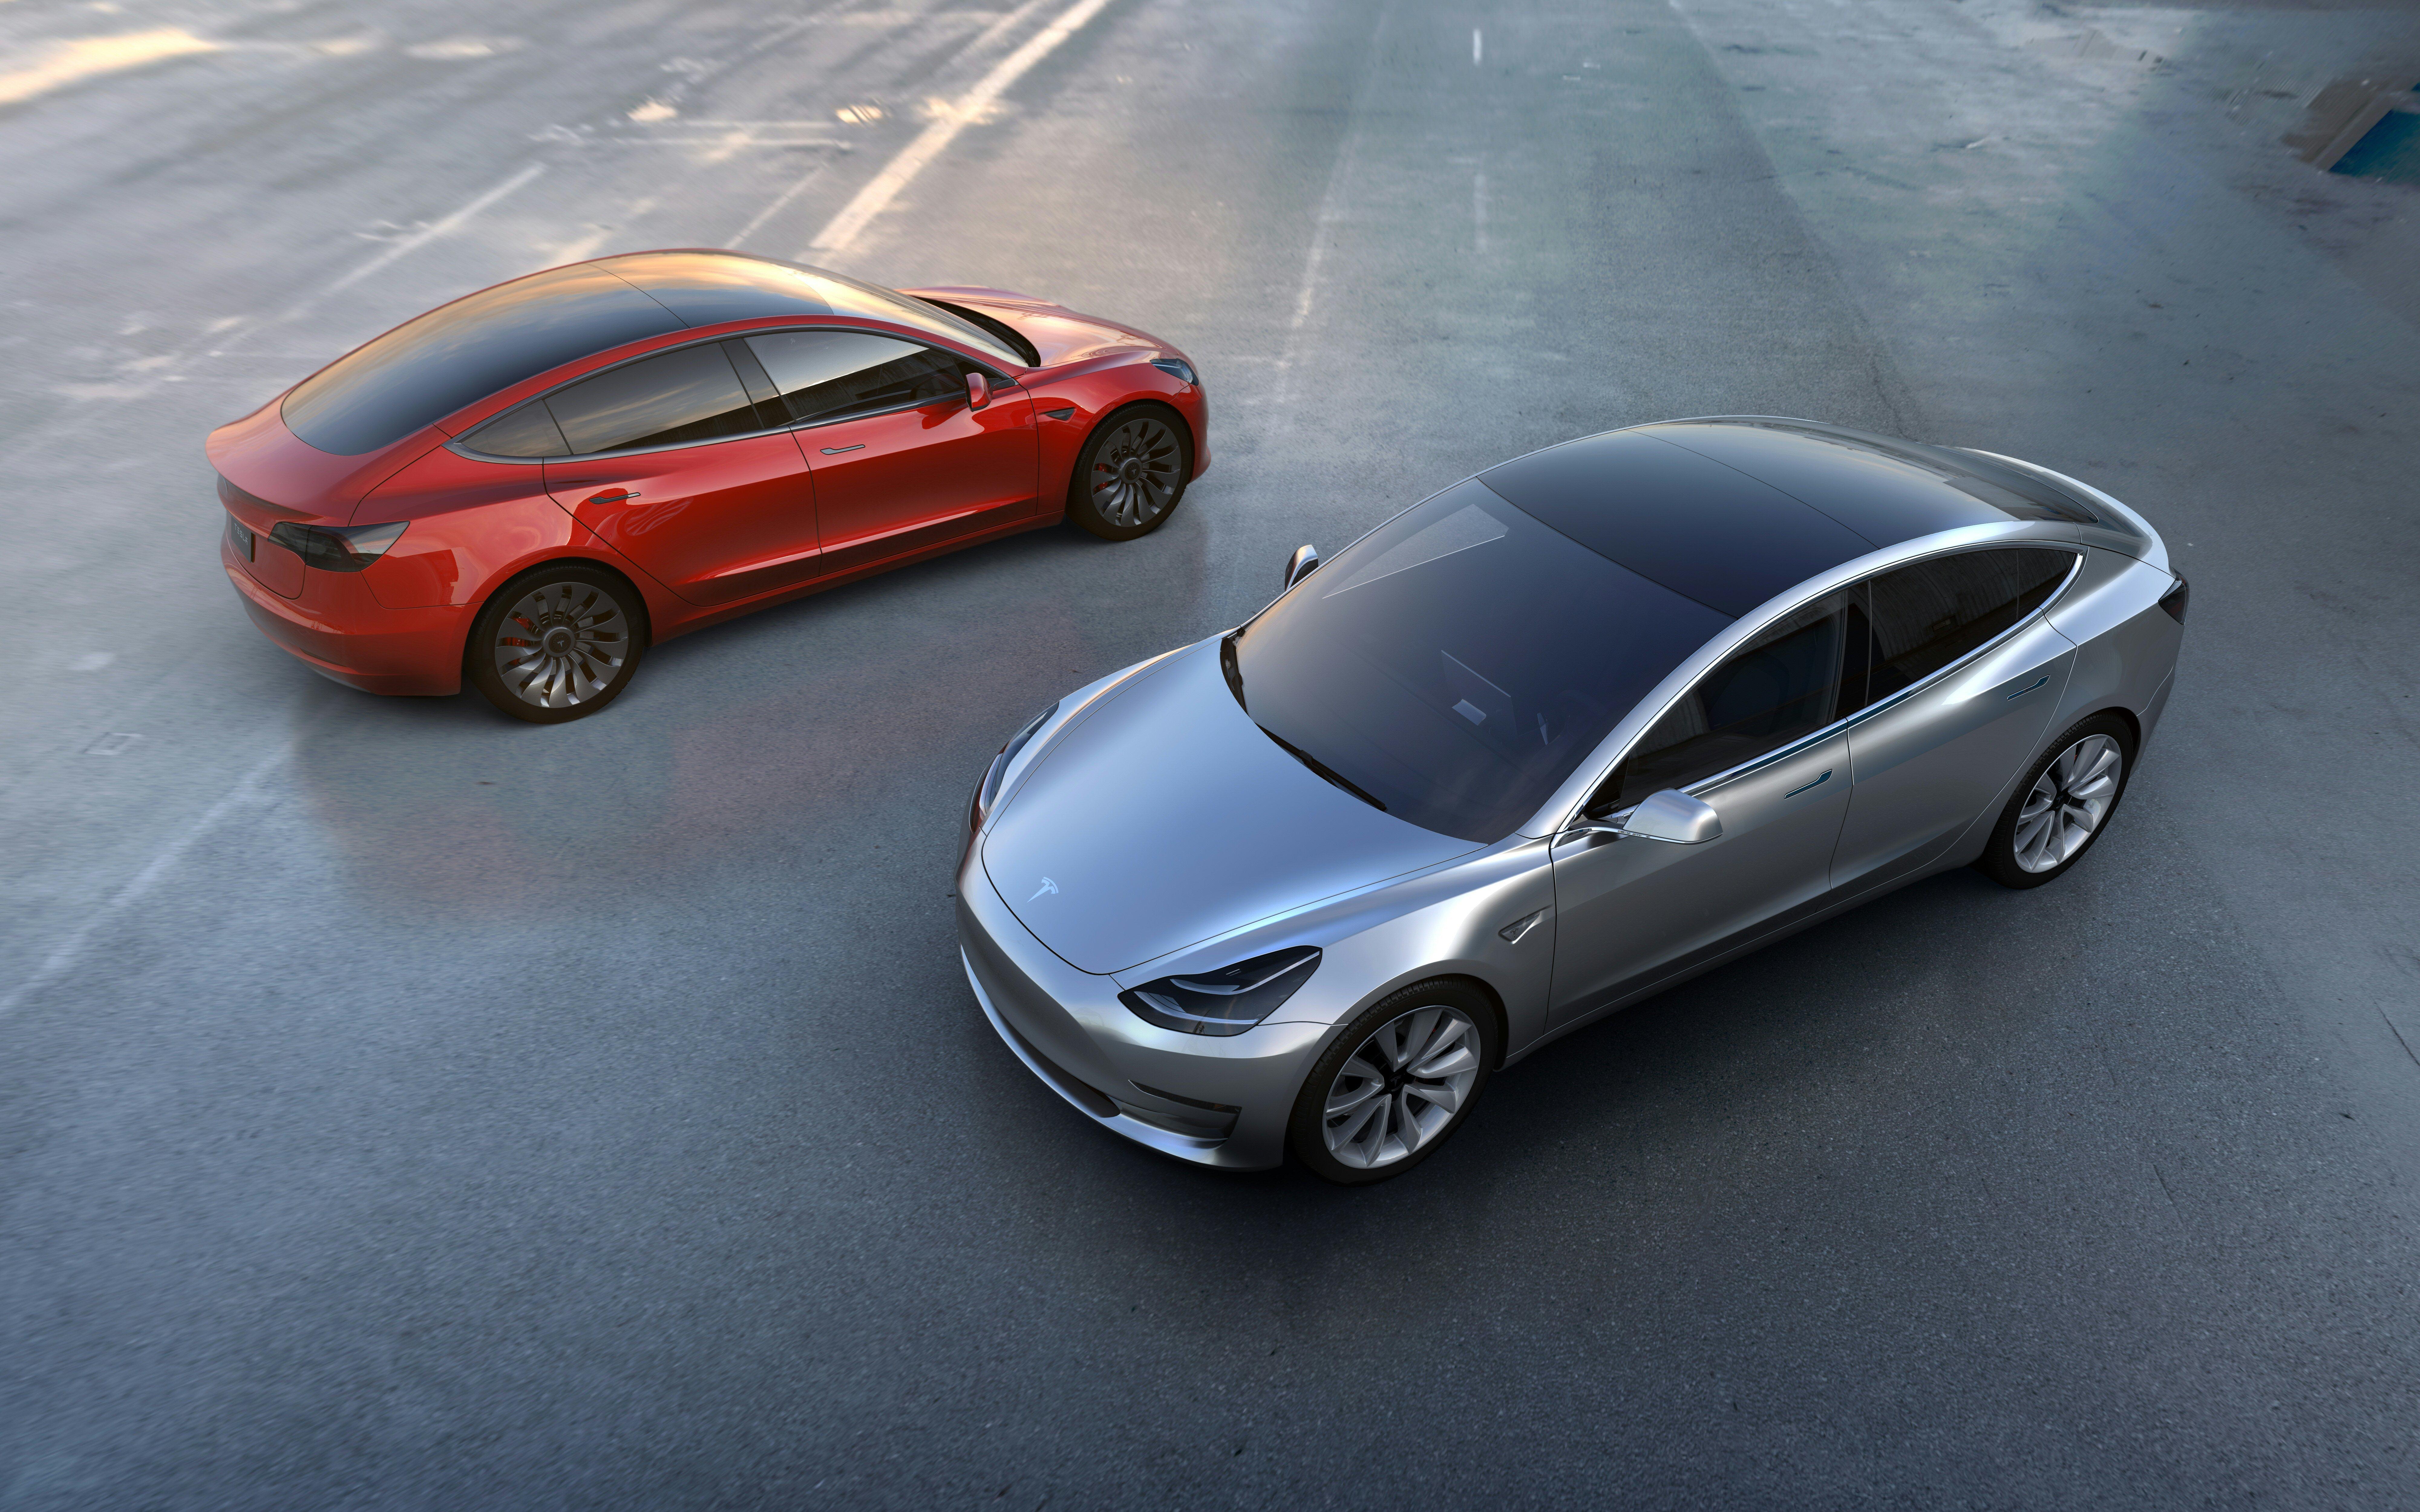 Električni avtomobil Model 3 bo podjetje Tesla Motors najverjetneje izvlekel iz finančnih težav.